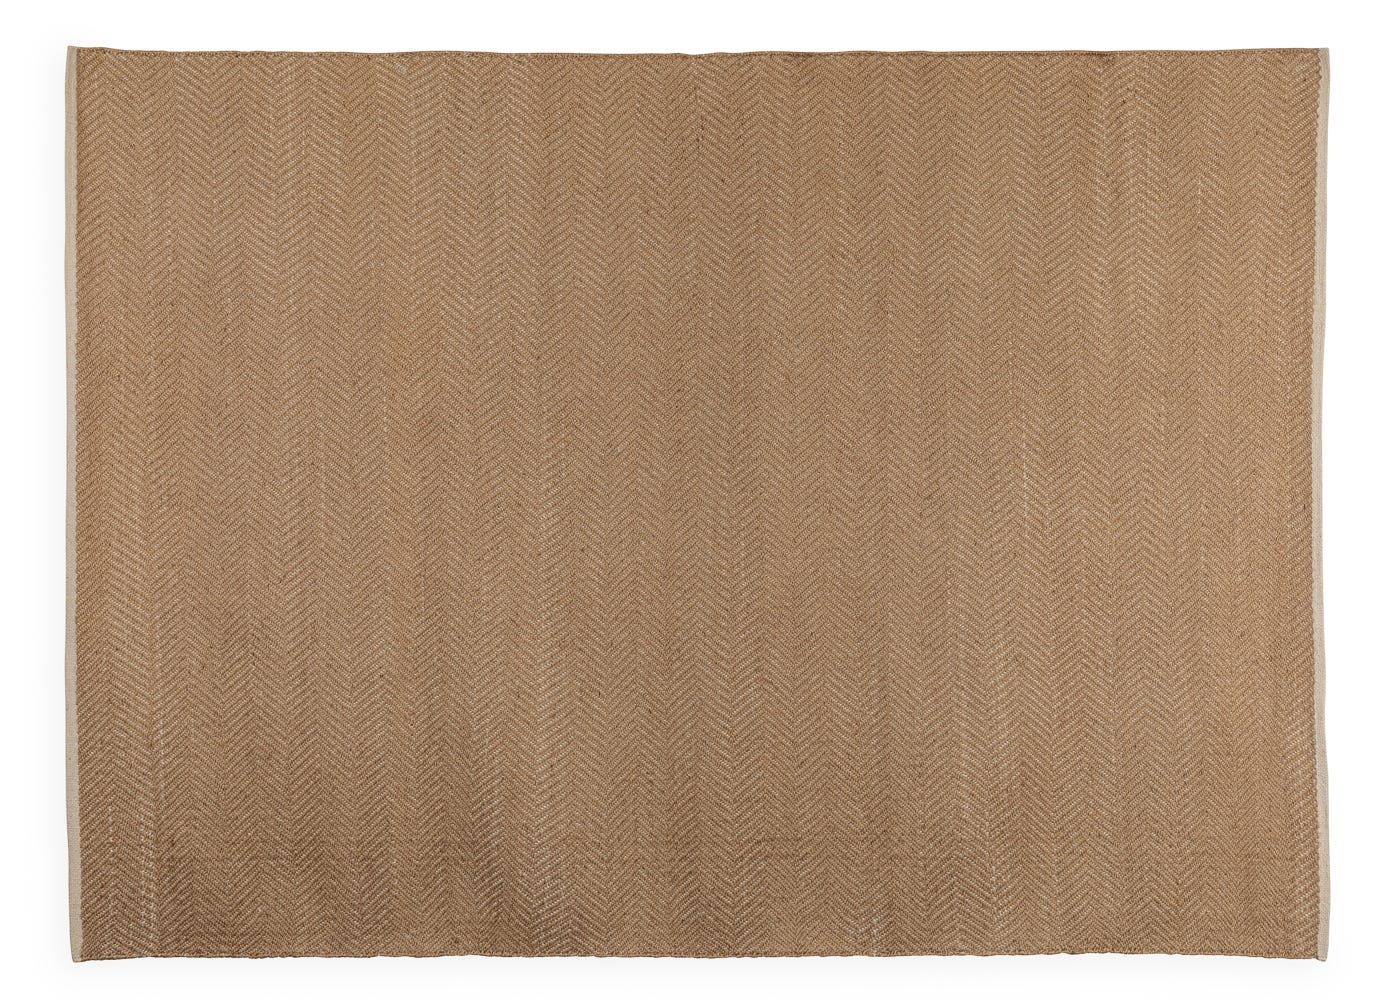 Linie Design Morini Rug Natural 200cm x 300cm